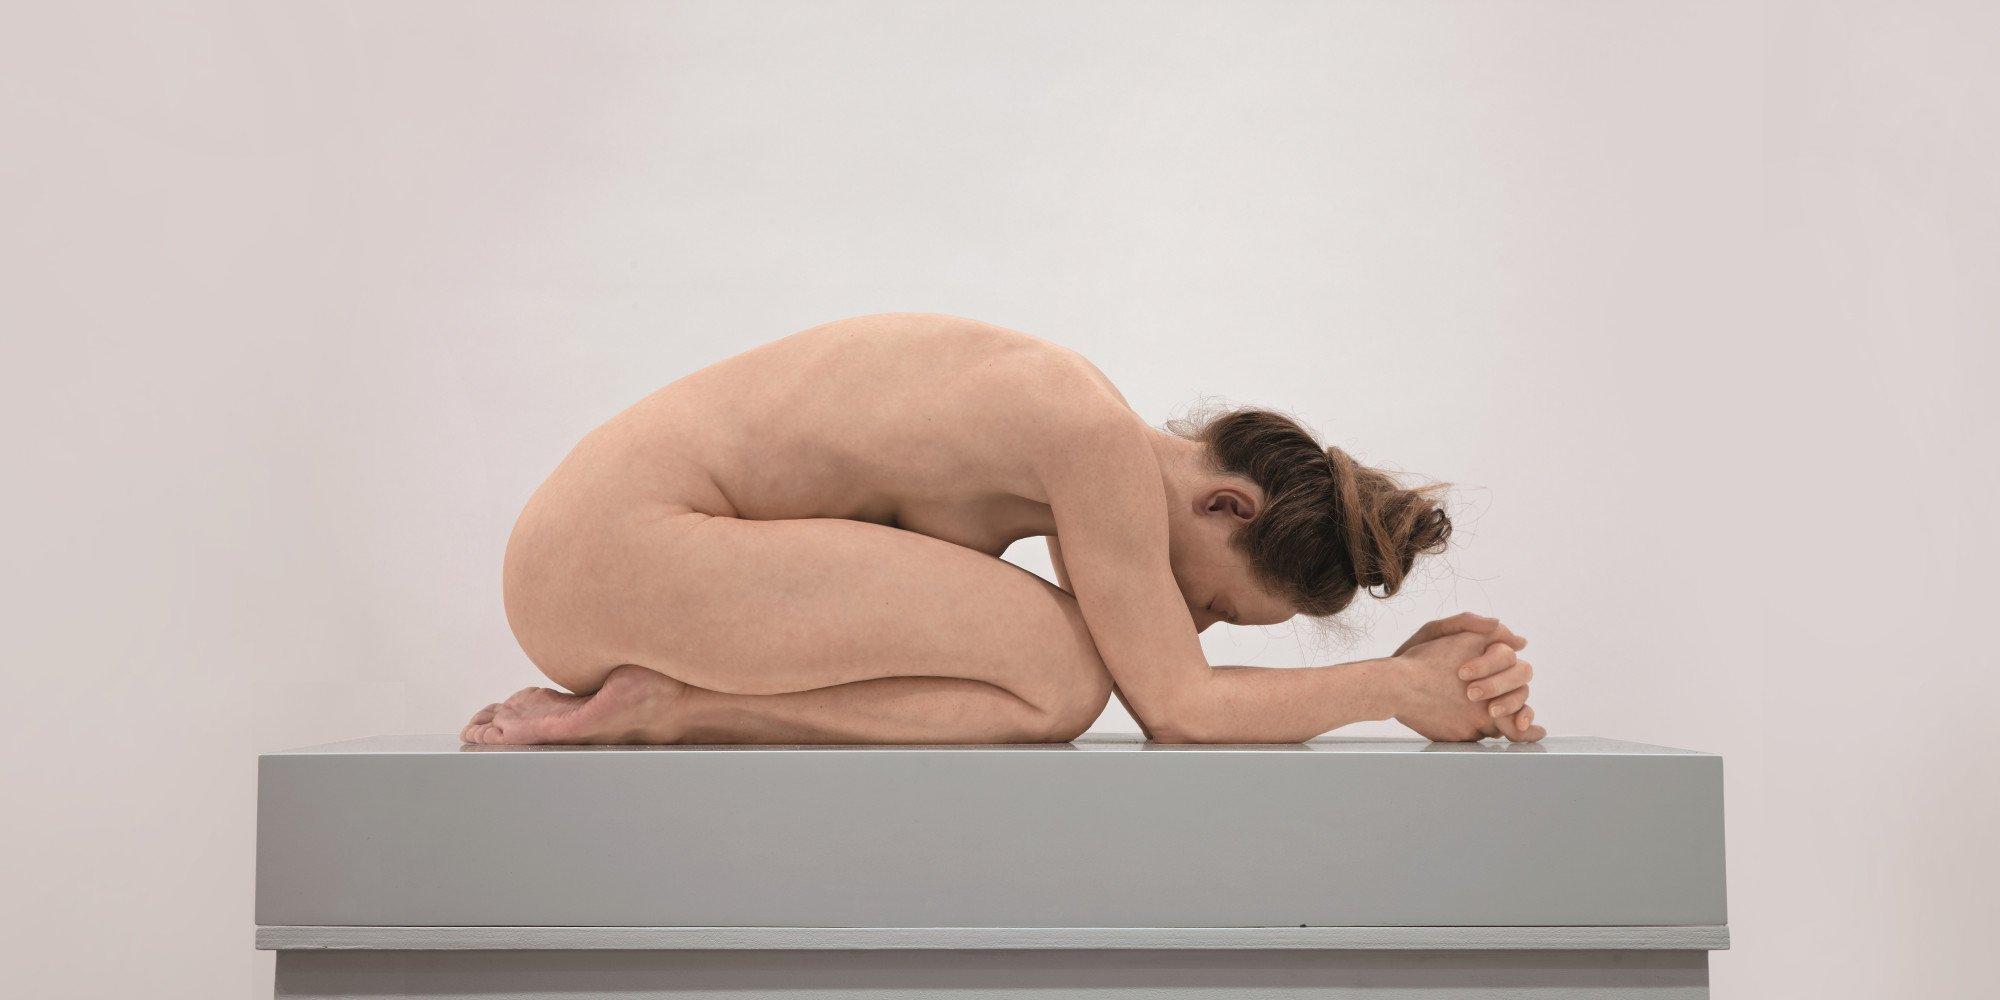 Thumbnail for 'Escultura Hiperrealista' en los medios